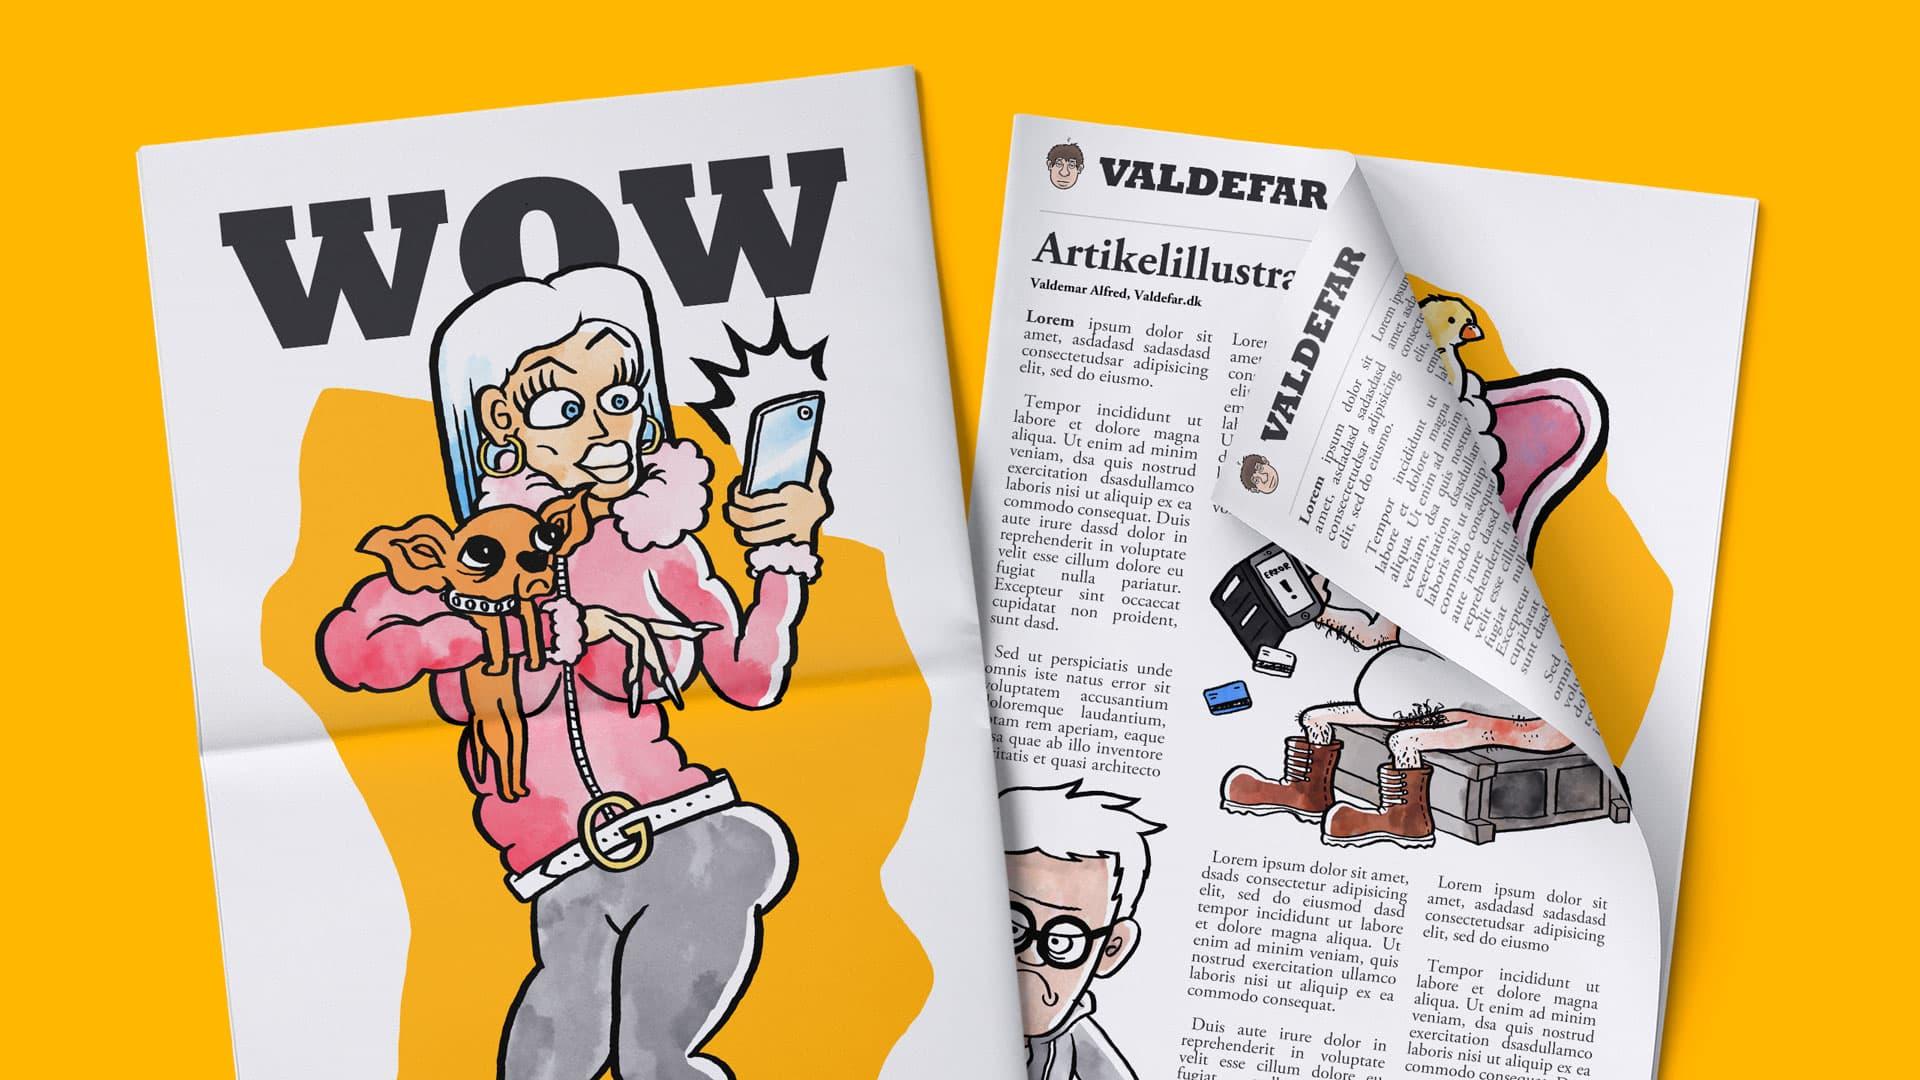 Illustration & bestillingsarbejde – Artikelillustration